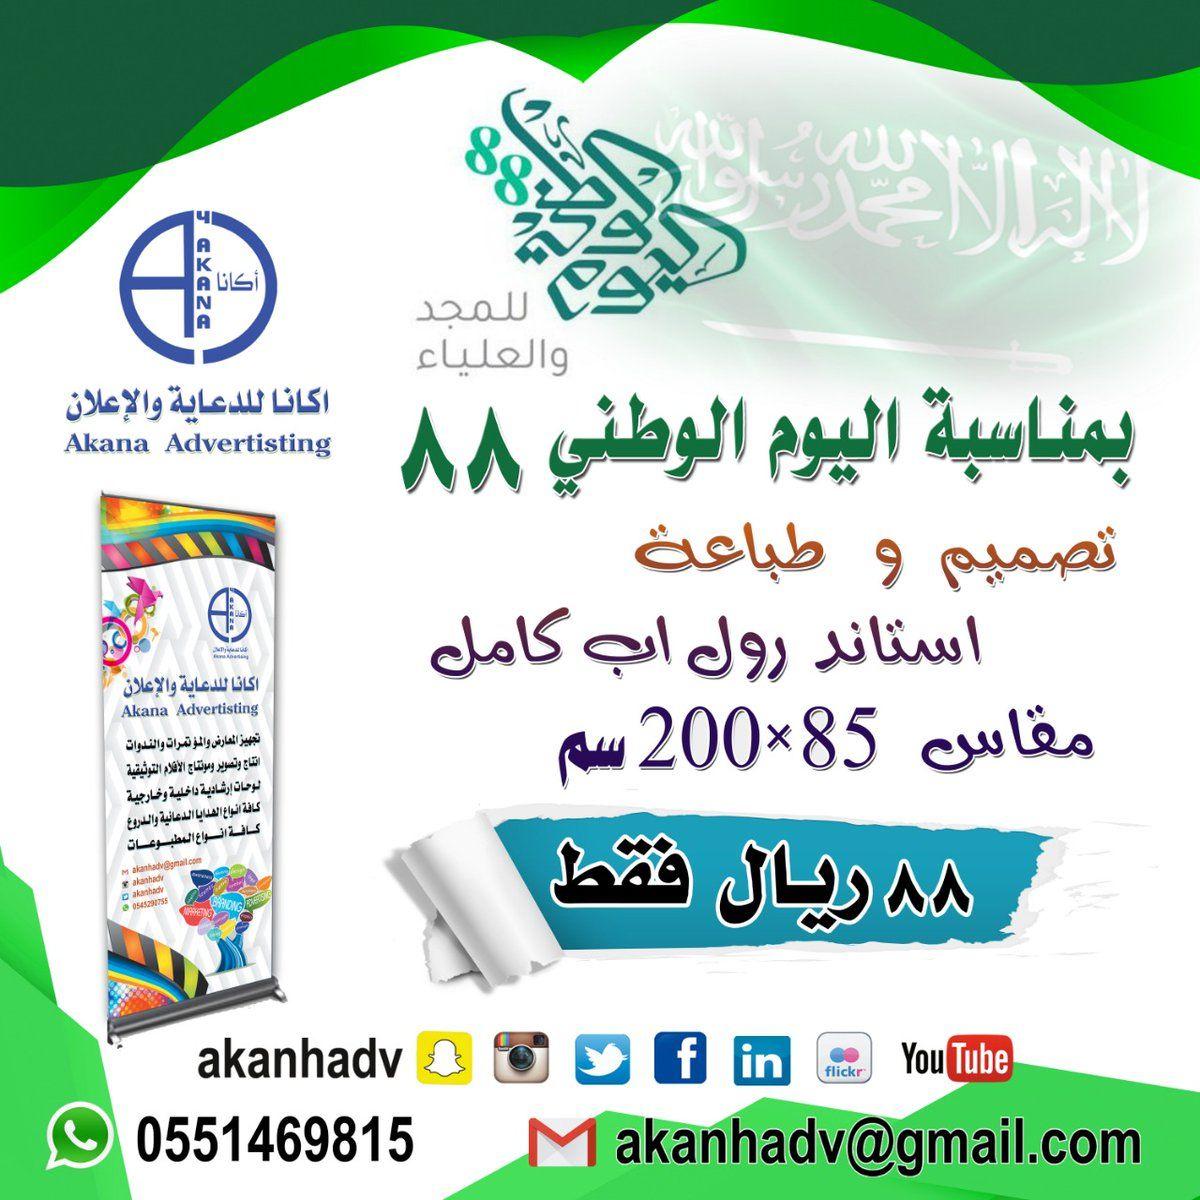 عروض اكانا للدعاية و الاعلان بمناسبة اليوم الوطني السعودي 10 9 2018 عروض اليوم Personal Care Toothpaste Care